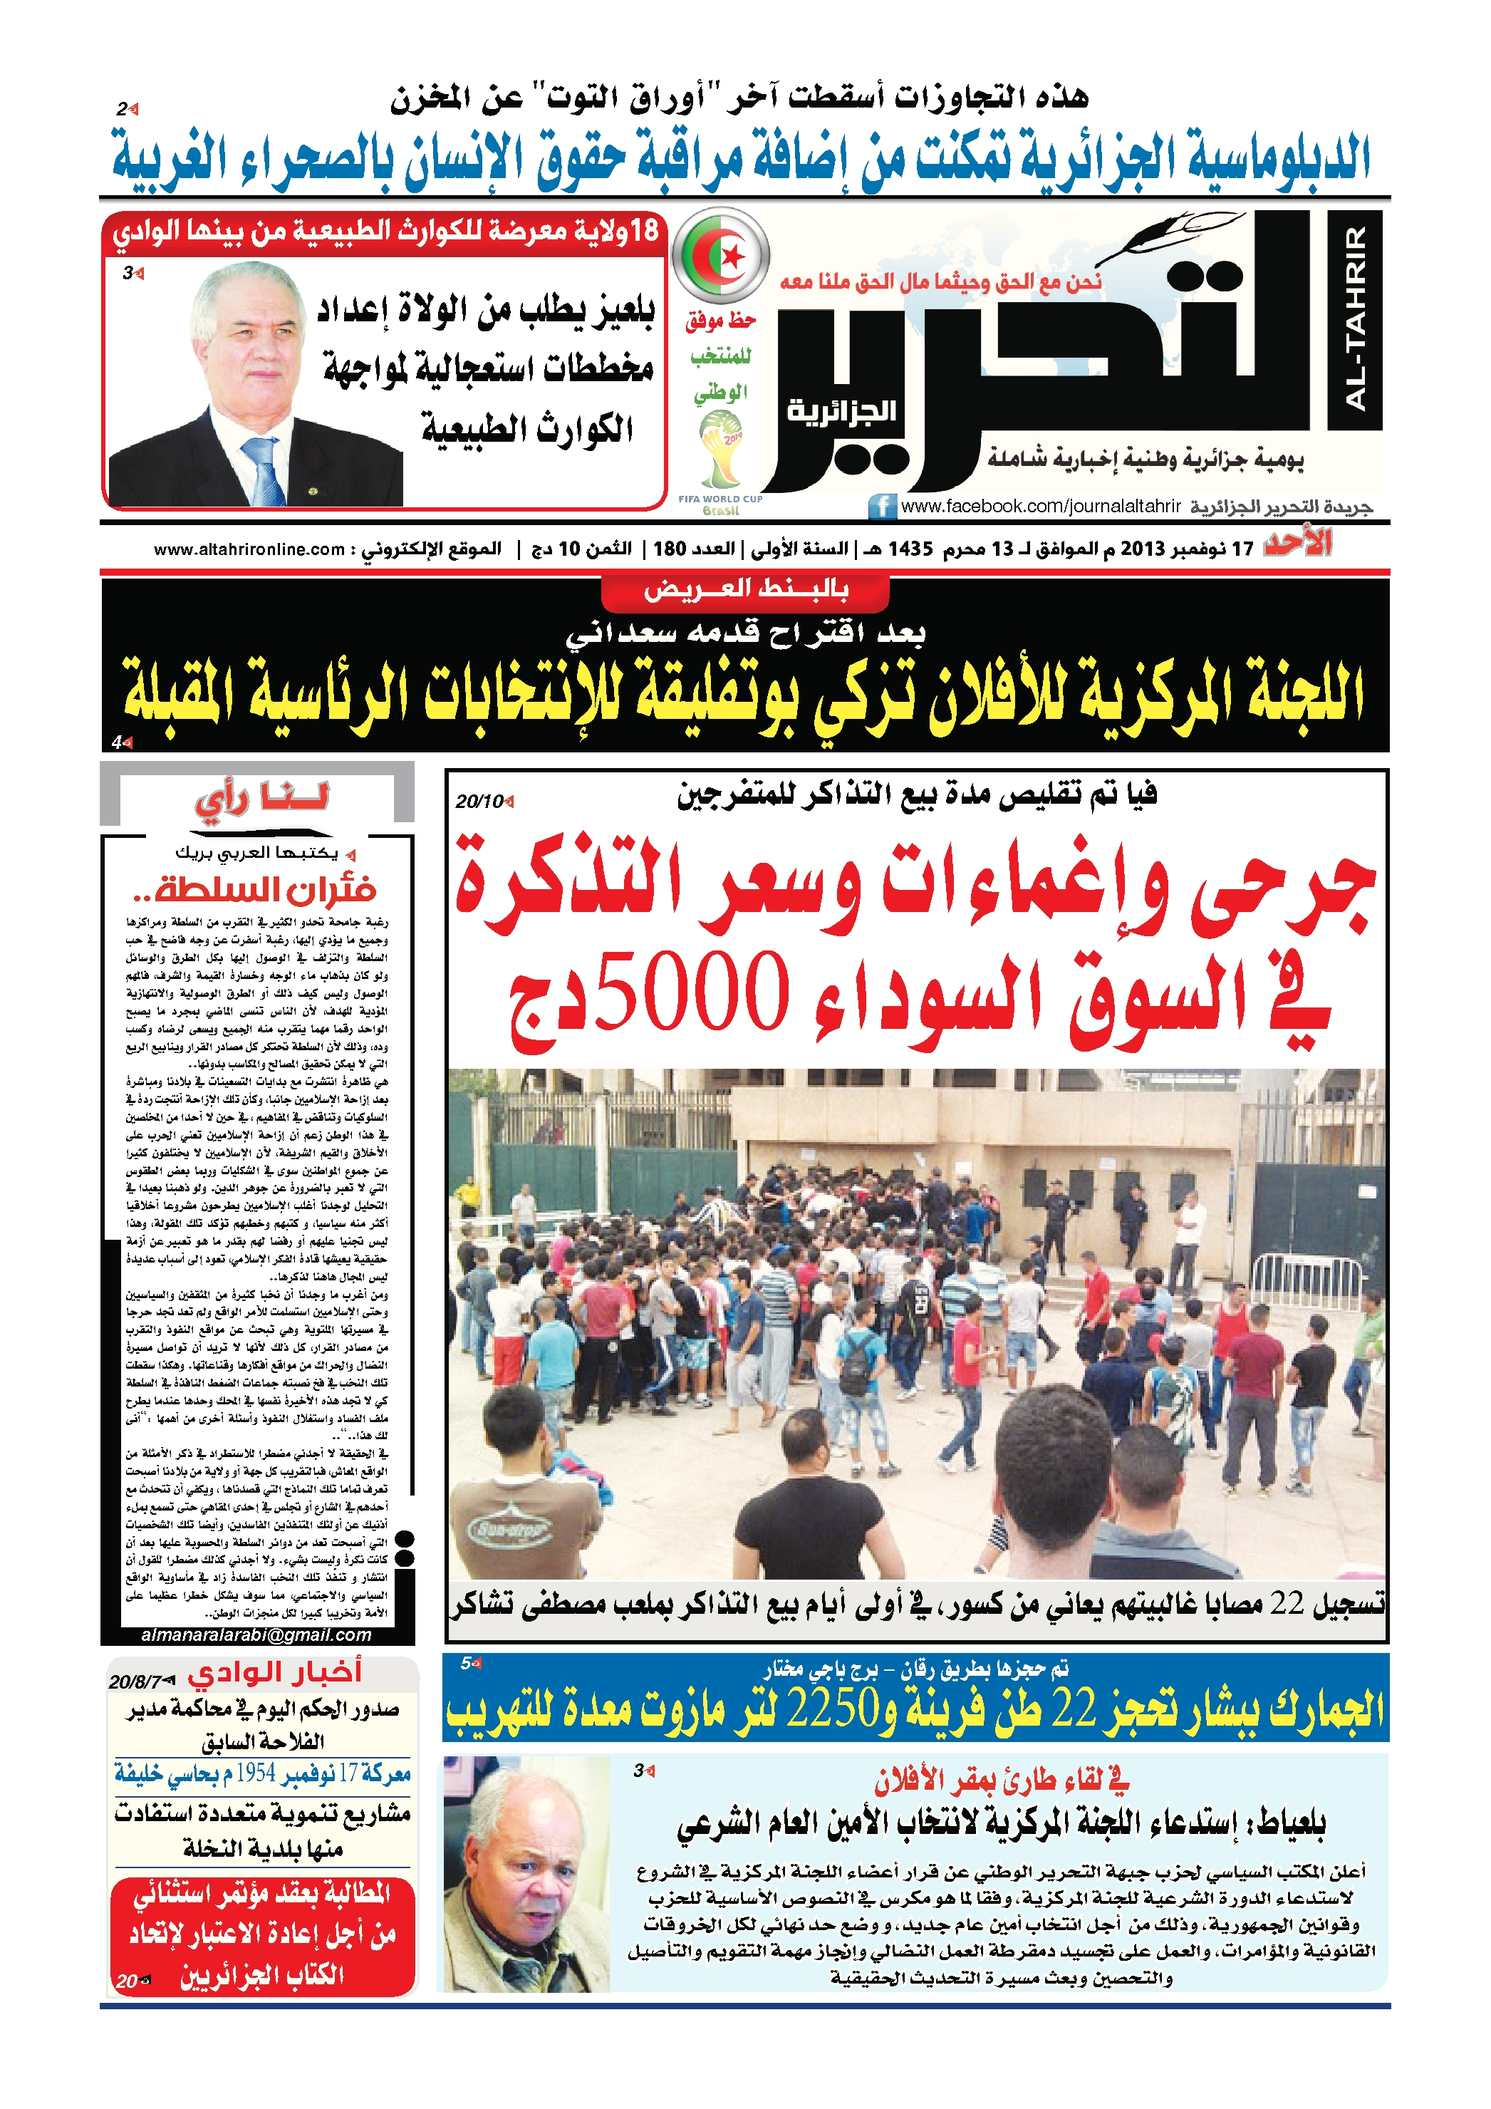 b94ace600 Calaméo - جريدة التحرير الجزائرية العدد 180